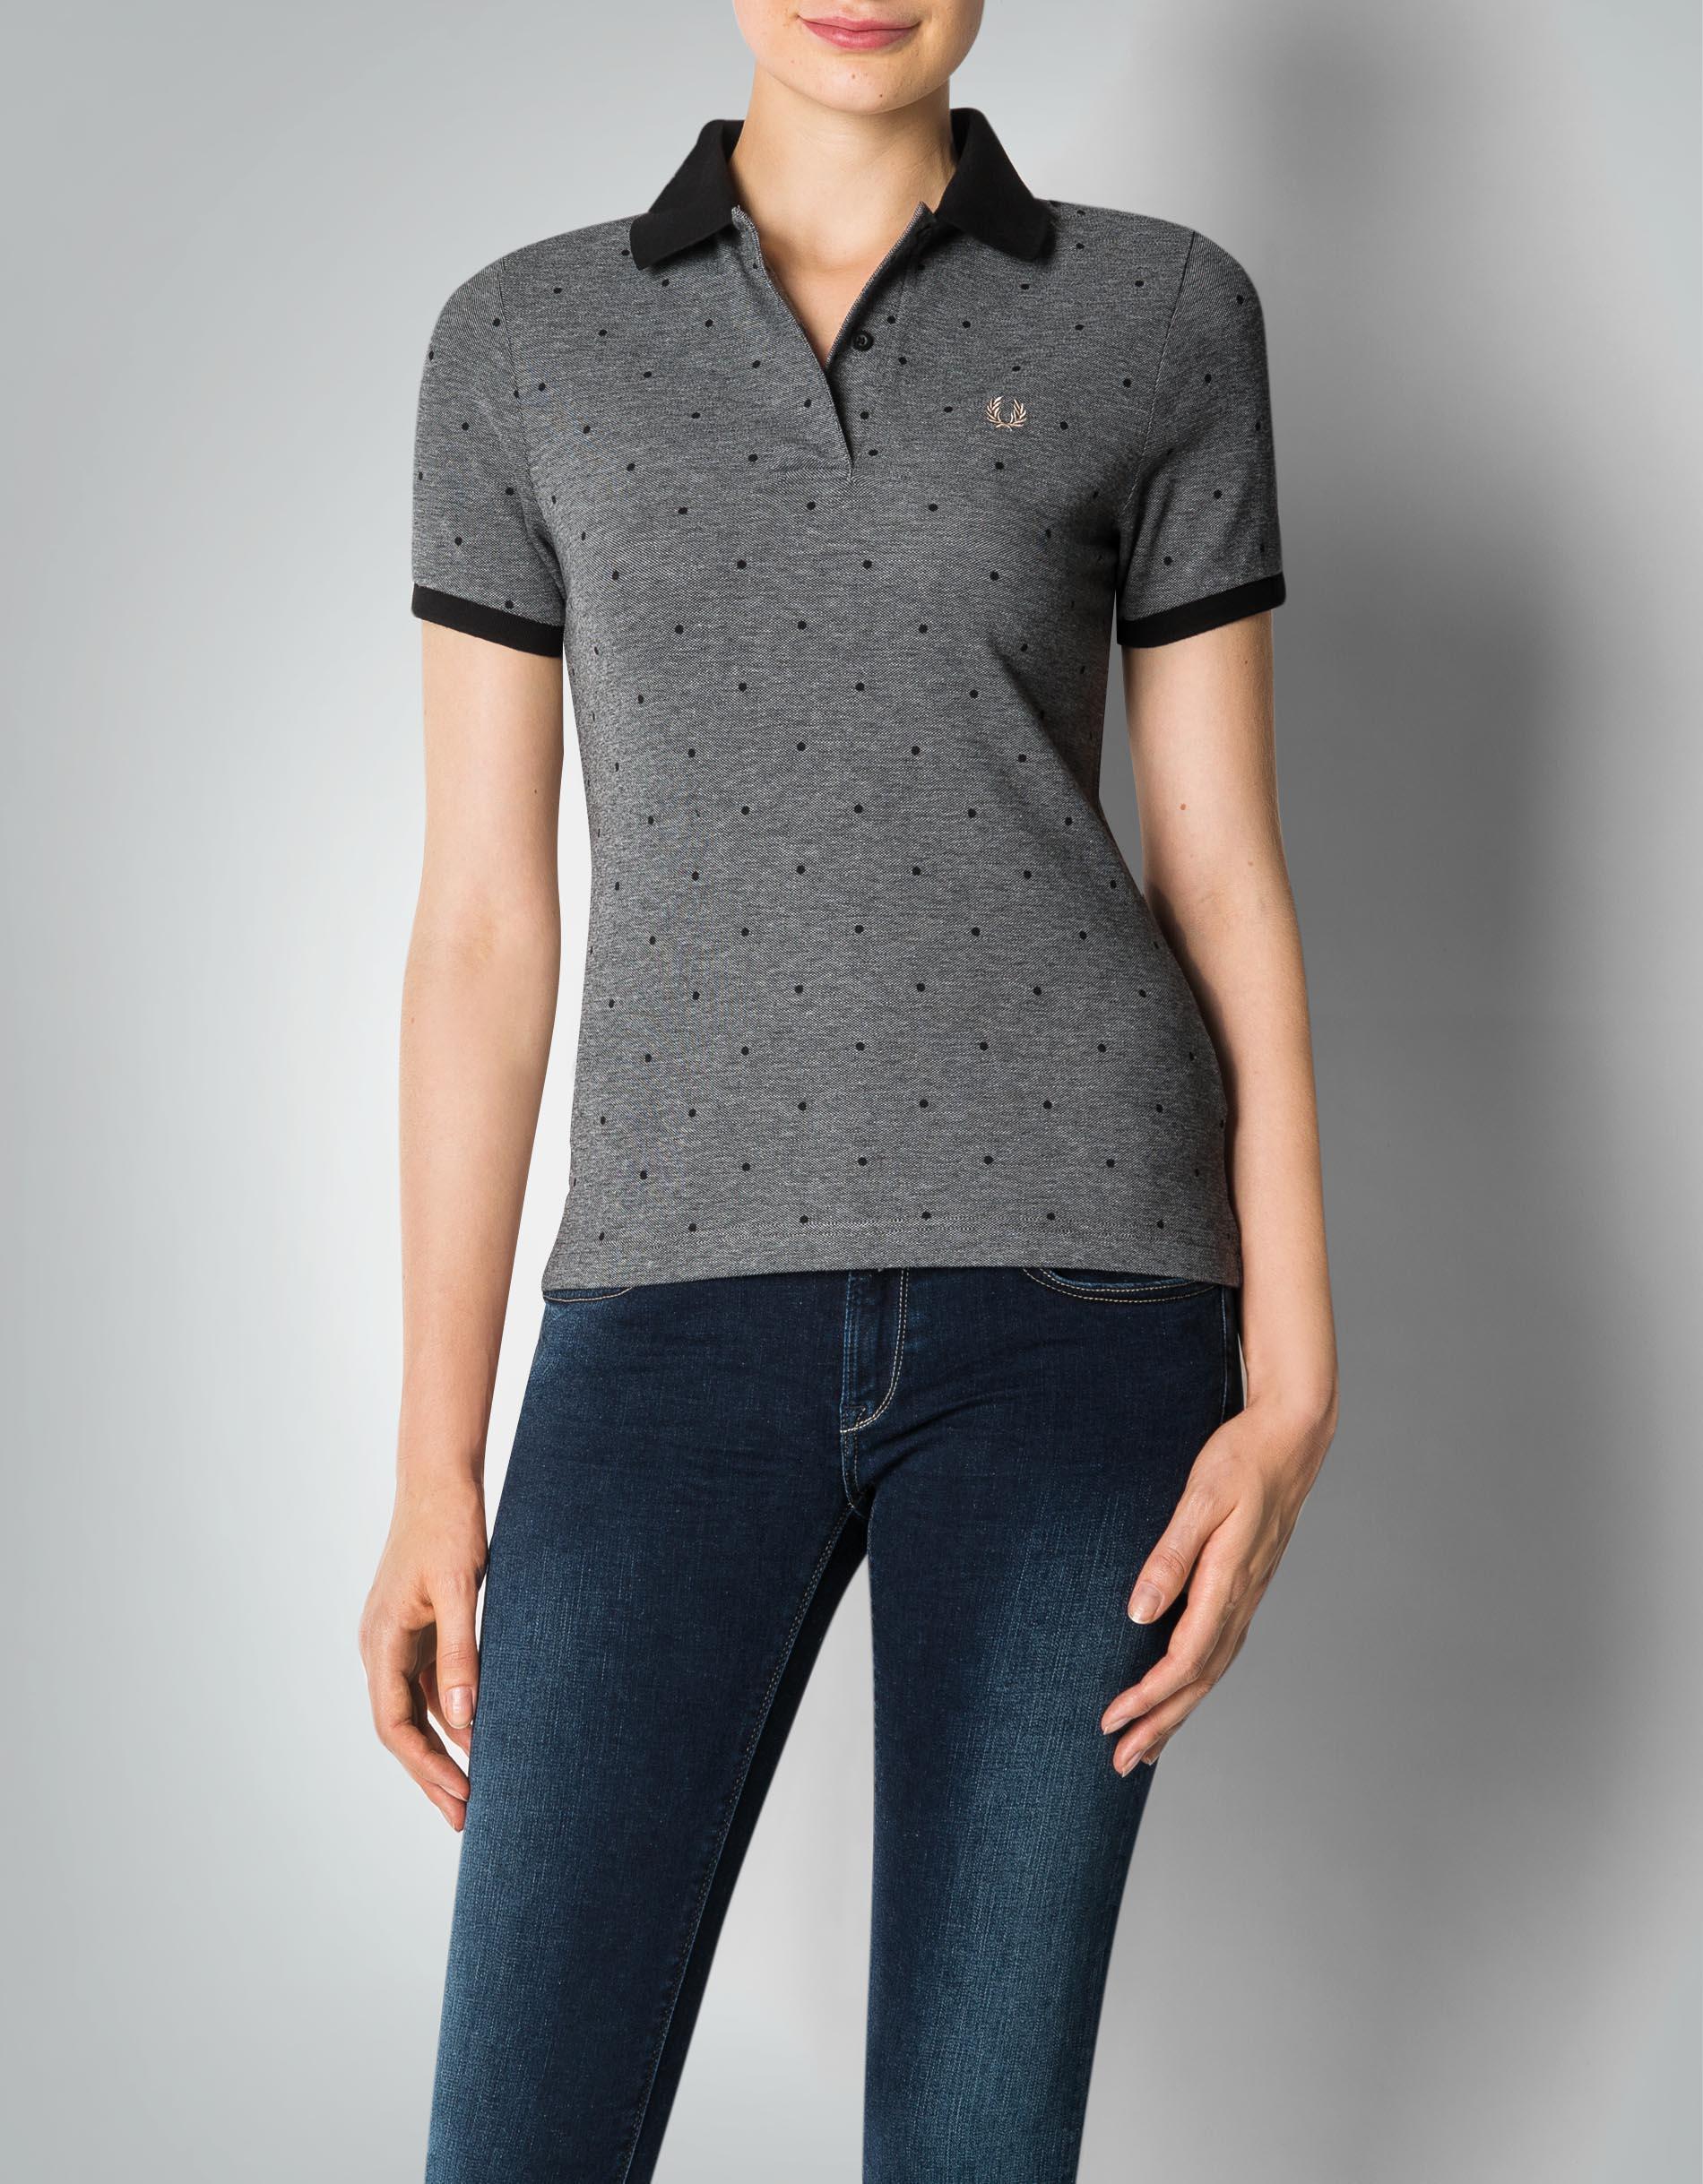 fred perry damen polo shirt im punkte dessin empfohlen von. Black Bedroom Furniture Sets. Home Design Ideas